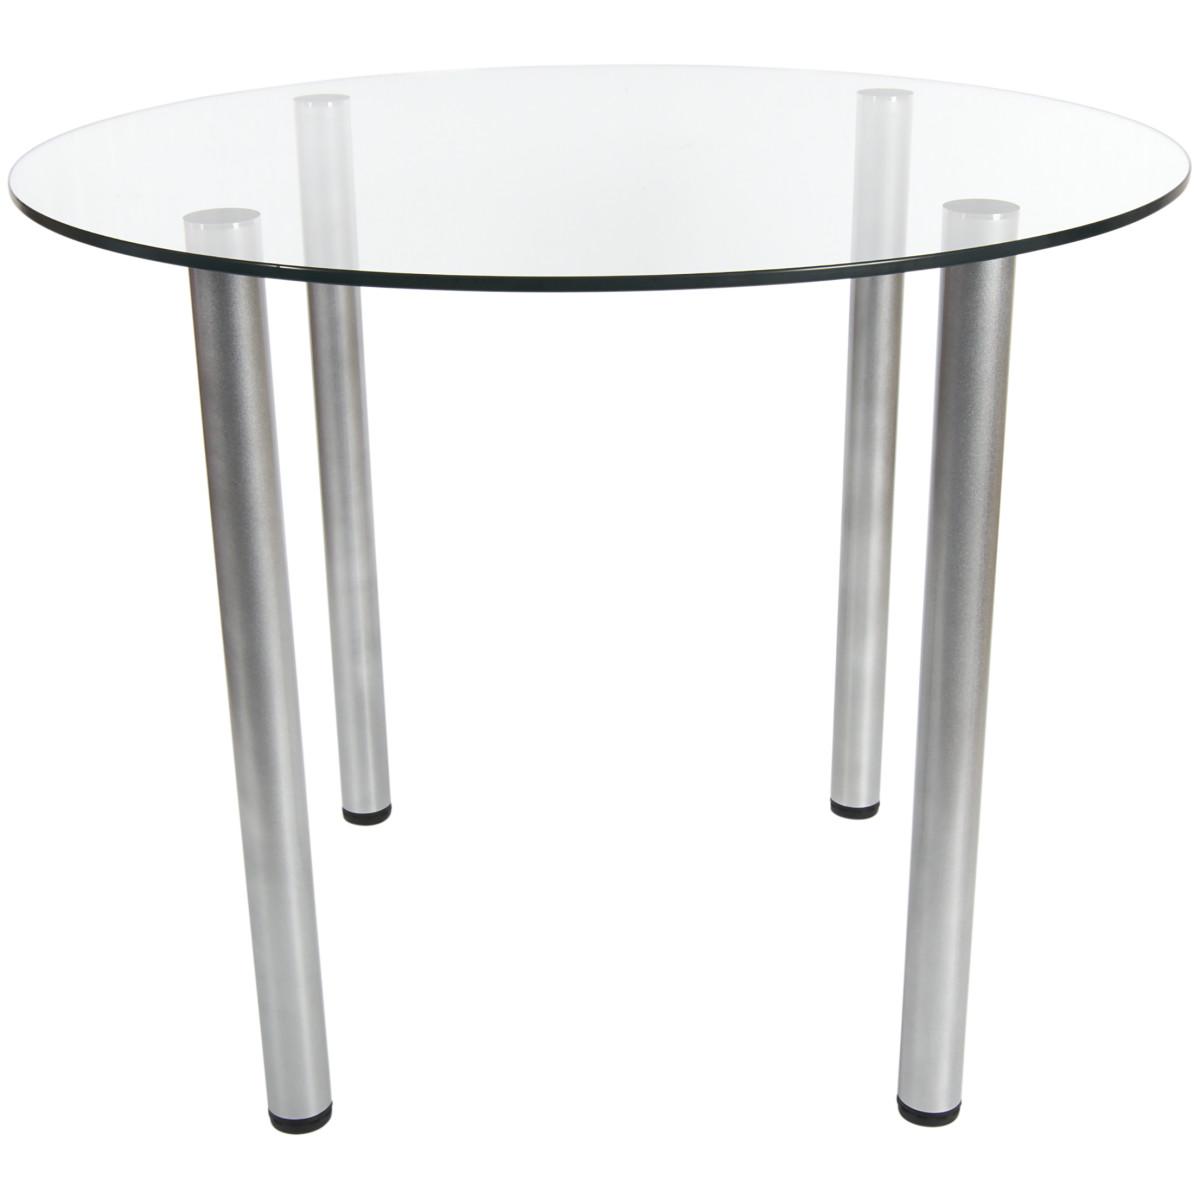 гибкое стекло на стол леруа мерлен купить